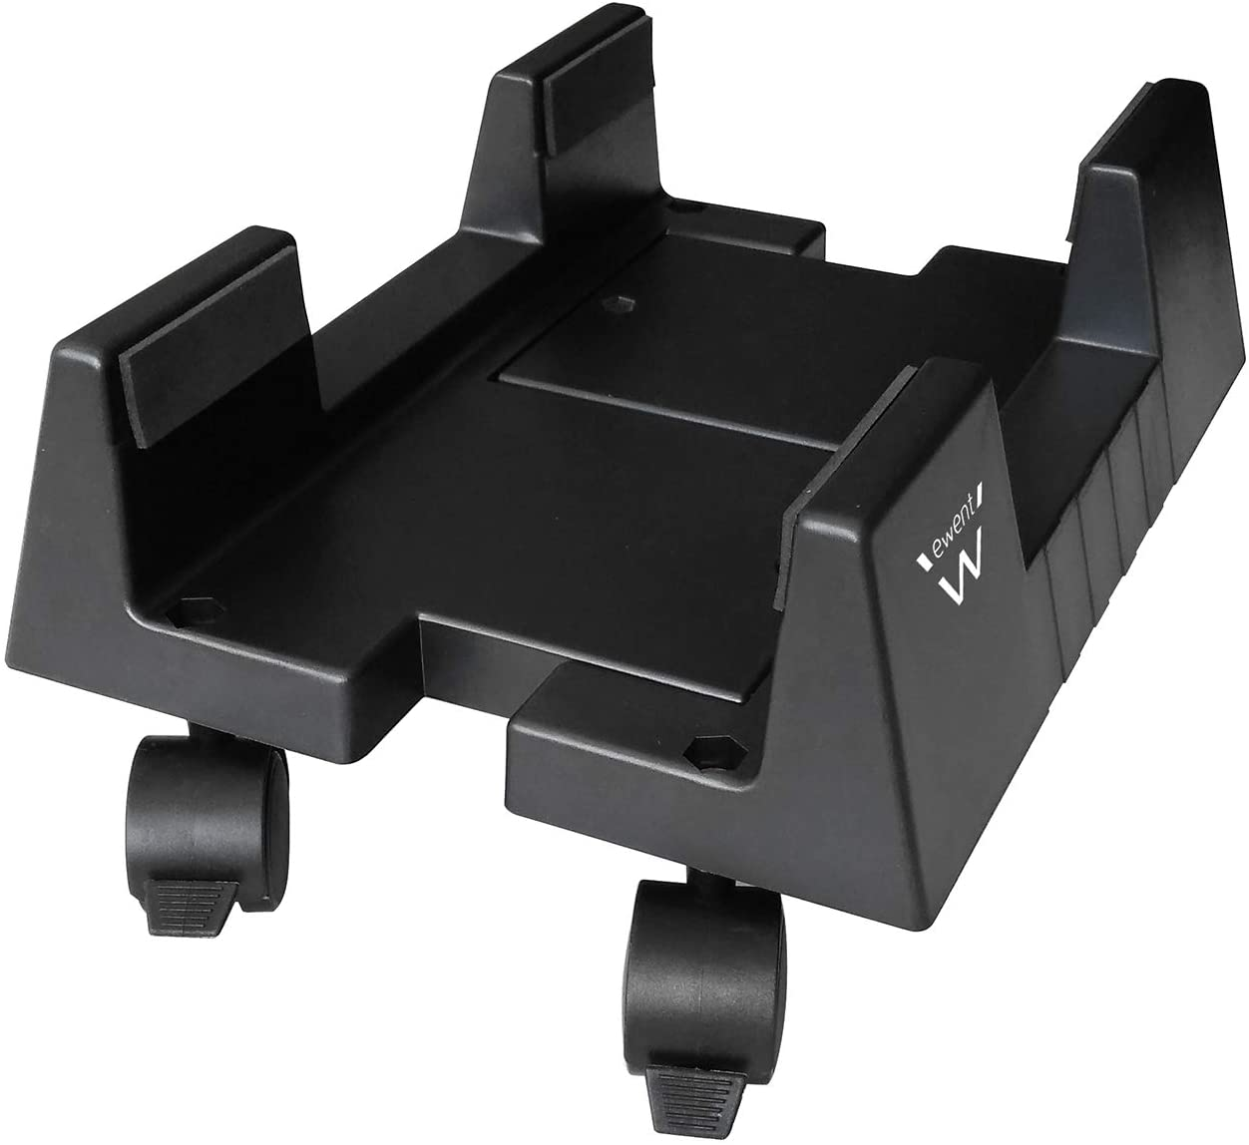 Ewent EW1290 - Soporte (Cart CPU Holder, Escritorio, 8 kg, Negro, ABS sintéticos, Horizontal)